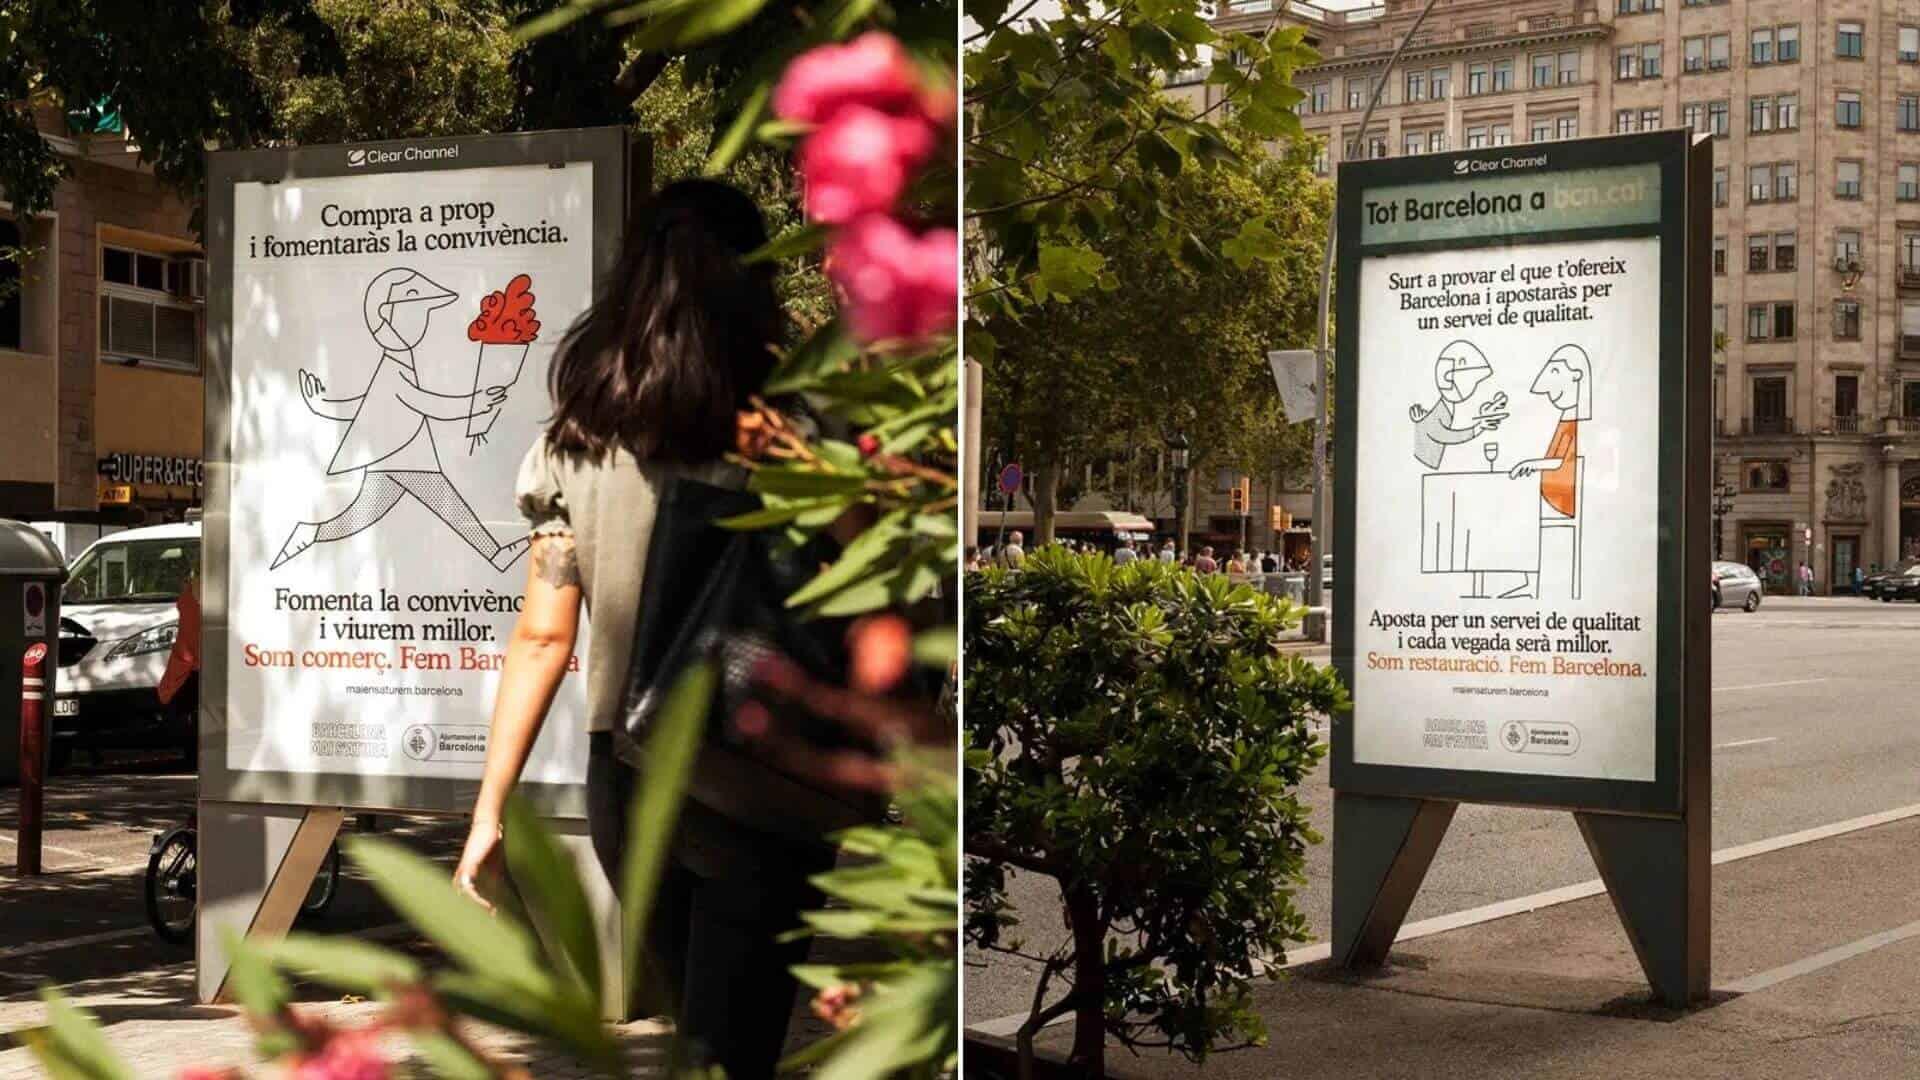 «Compra a prop» La campaña que apunta a promover el comercio local en Barcelona tras la crisis por COVID-19